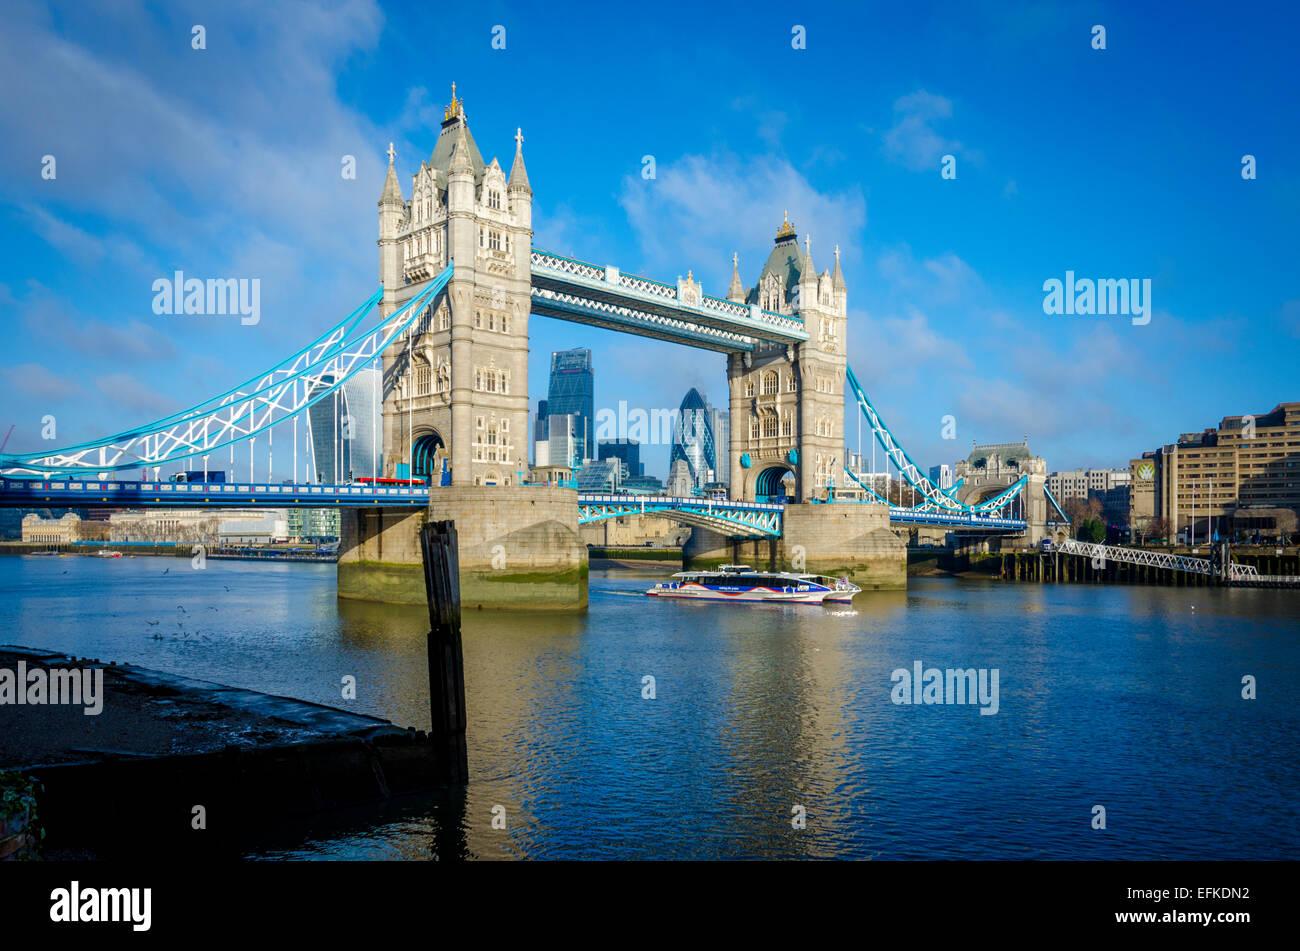 Il Tower Bridge di Londra, Regno Unito Immagini Stock